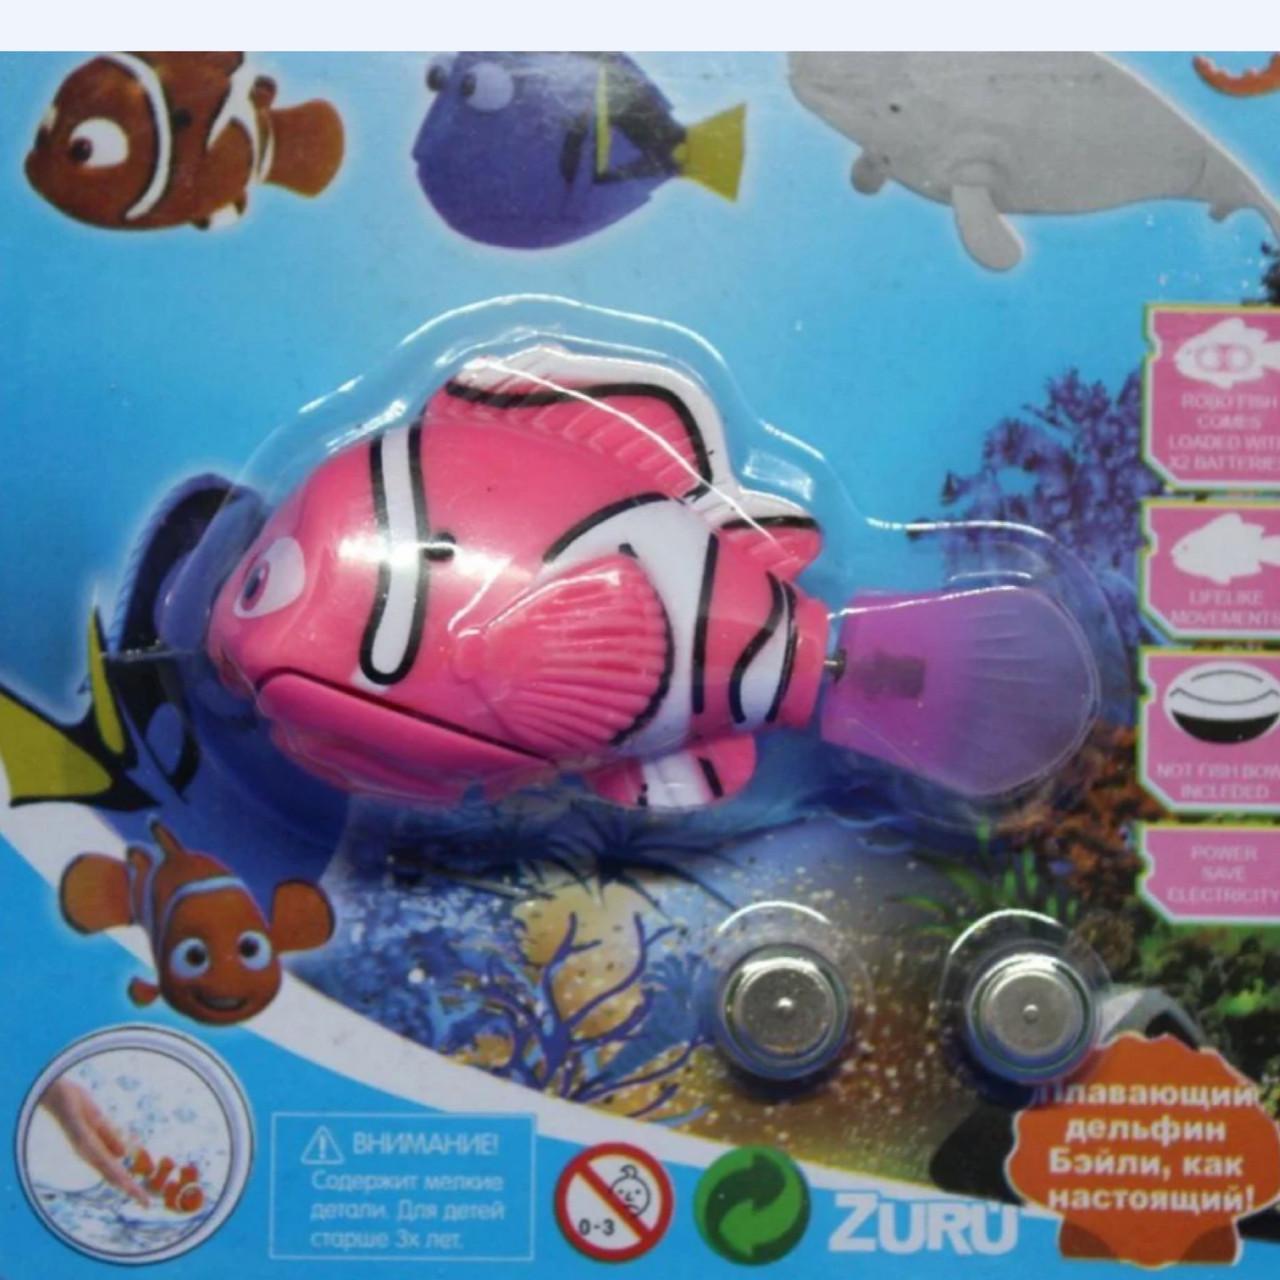 Інтерактивна іграшка рибка-робот (роборыбка) Robo fish (У пошуках Немо)